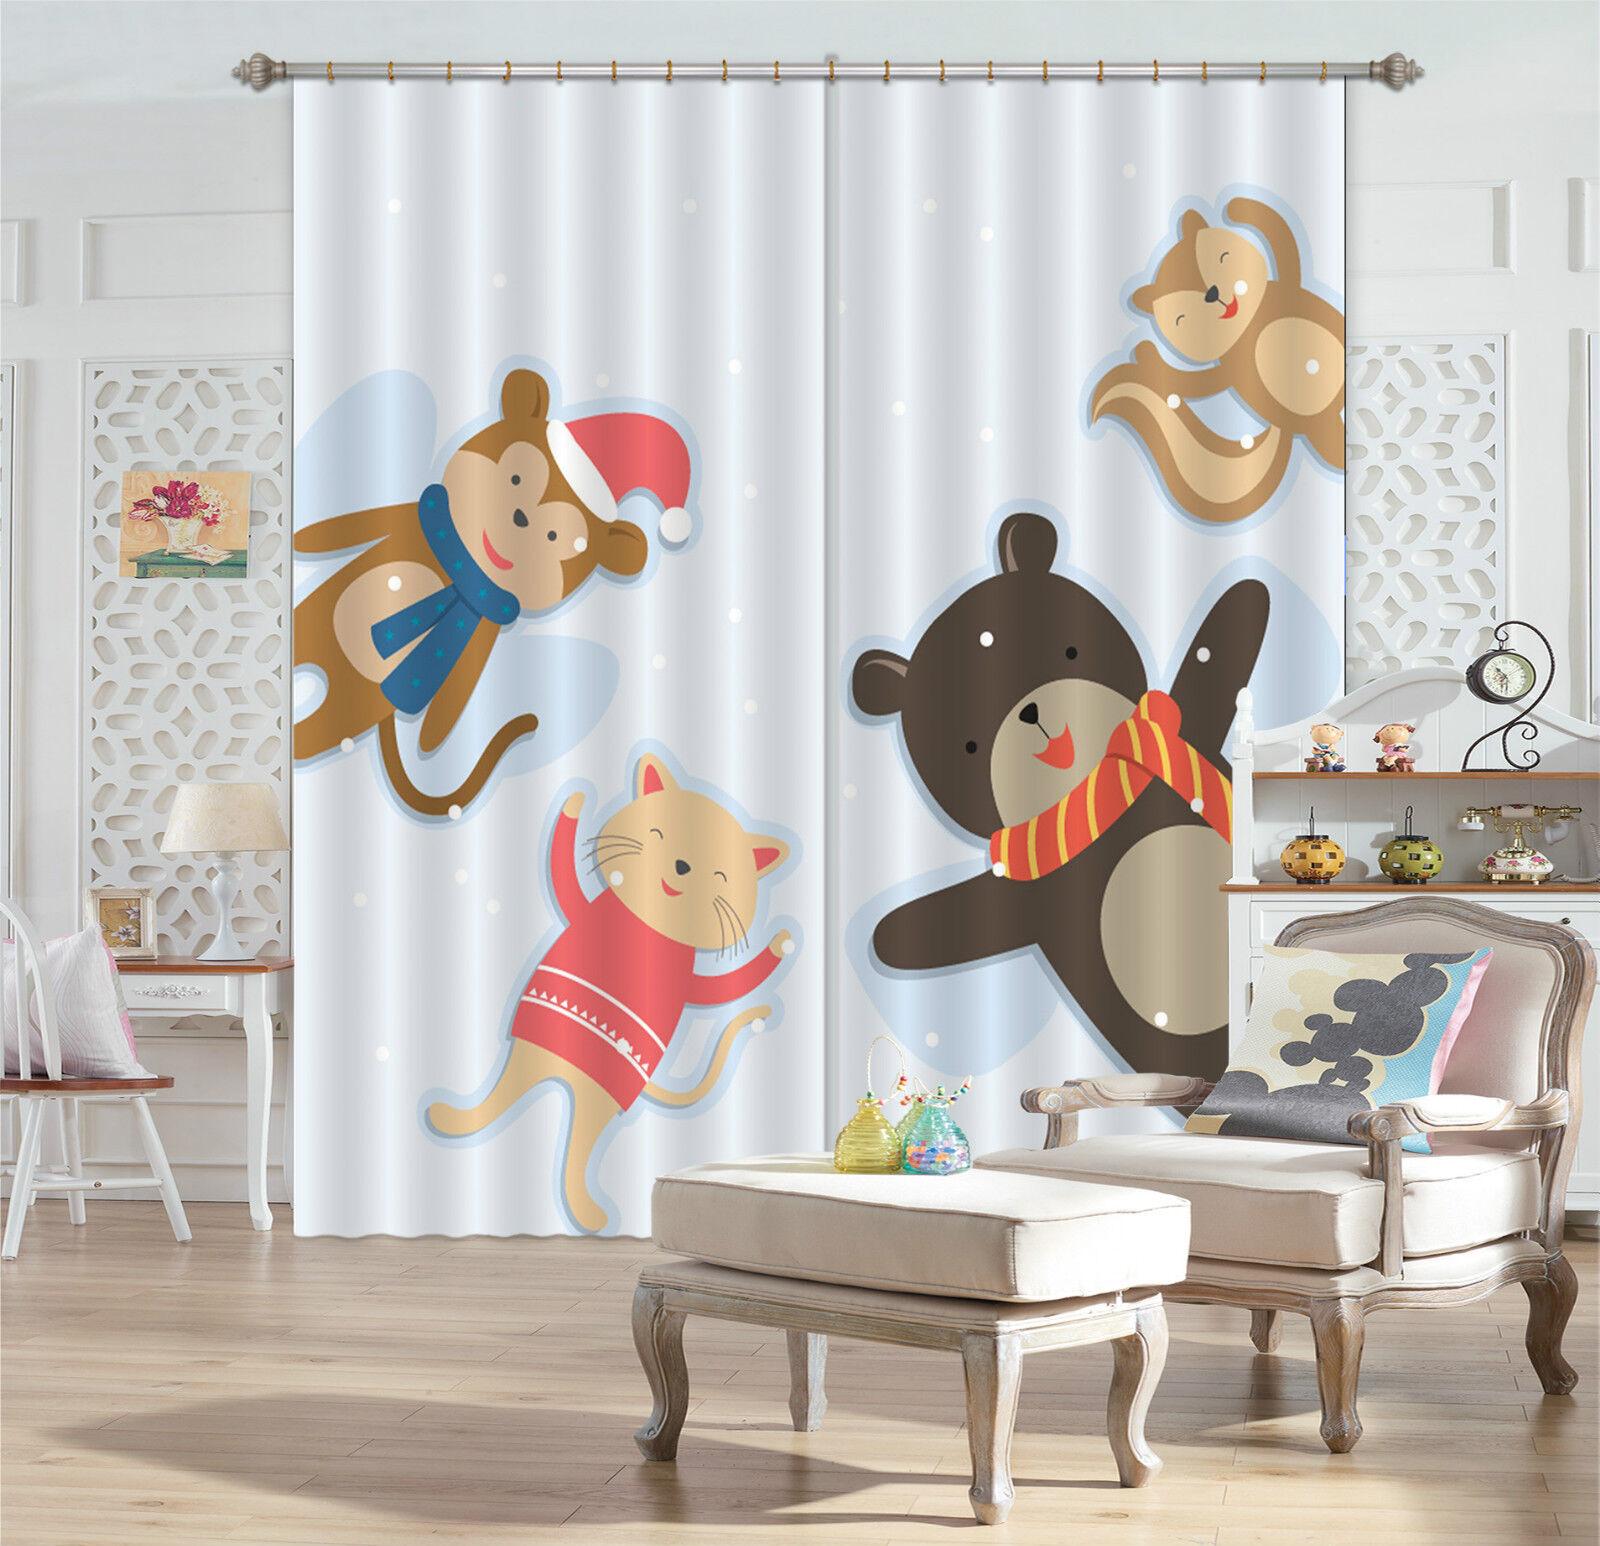 3d animal muñeca 529 bloqueo foto cortina cortina de impresión sustancia cortinas de ventana